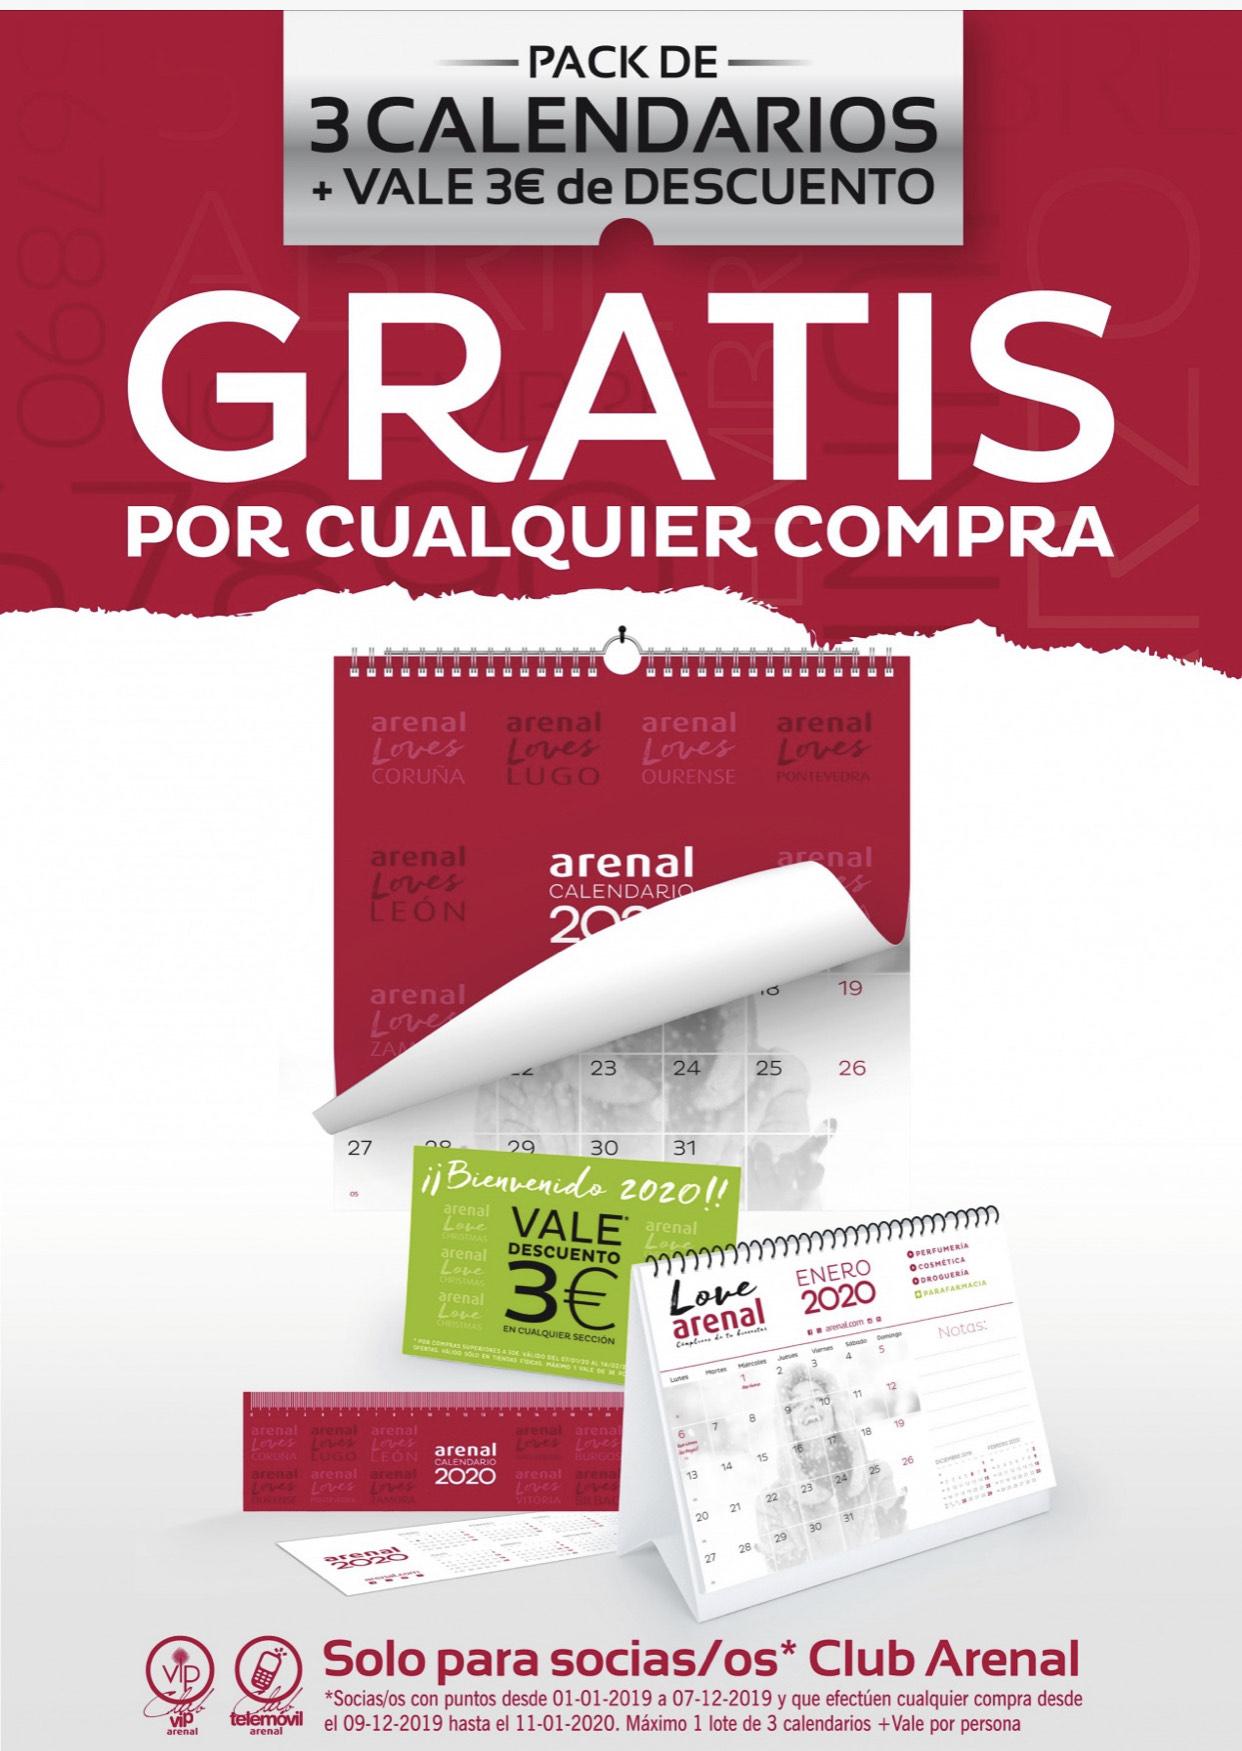 Pack de 3 calendarios + vale de 3 euros de compra por cualquier compra de cualquier importe para los socios de PERFUMERÍA ARENAL.